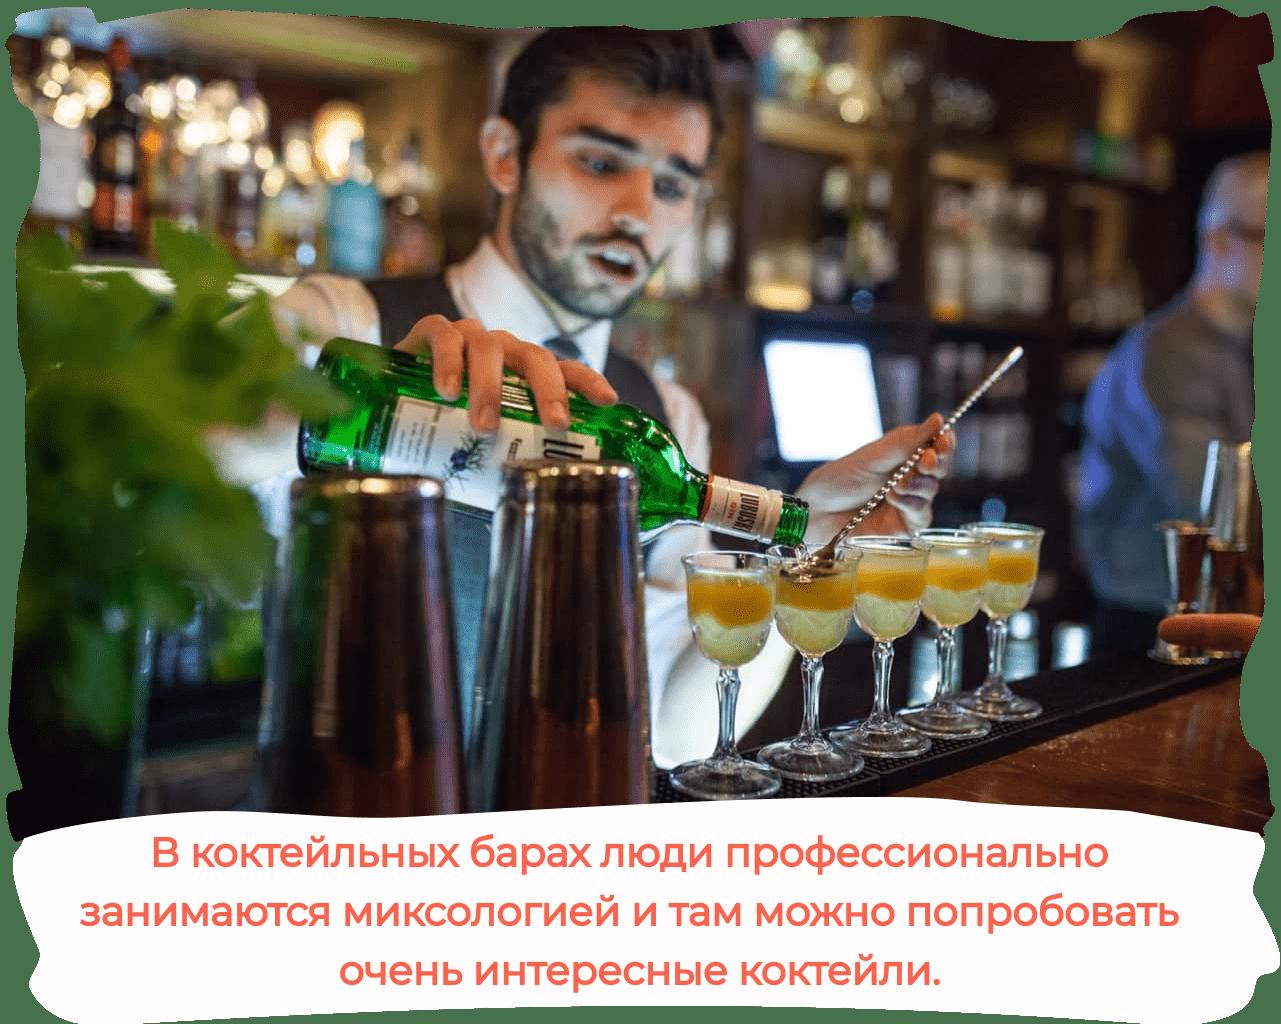 В коктейльных барах люди профессионально занимаются миксологией и там можно попробовать очень интересные коктейли.